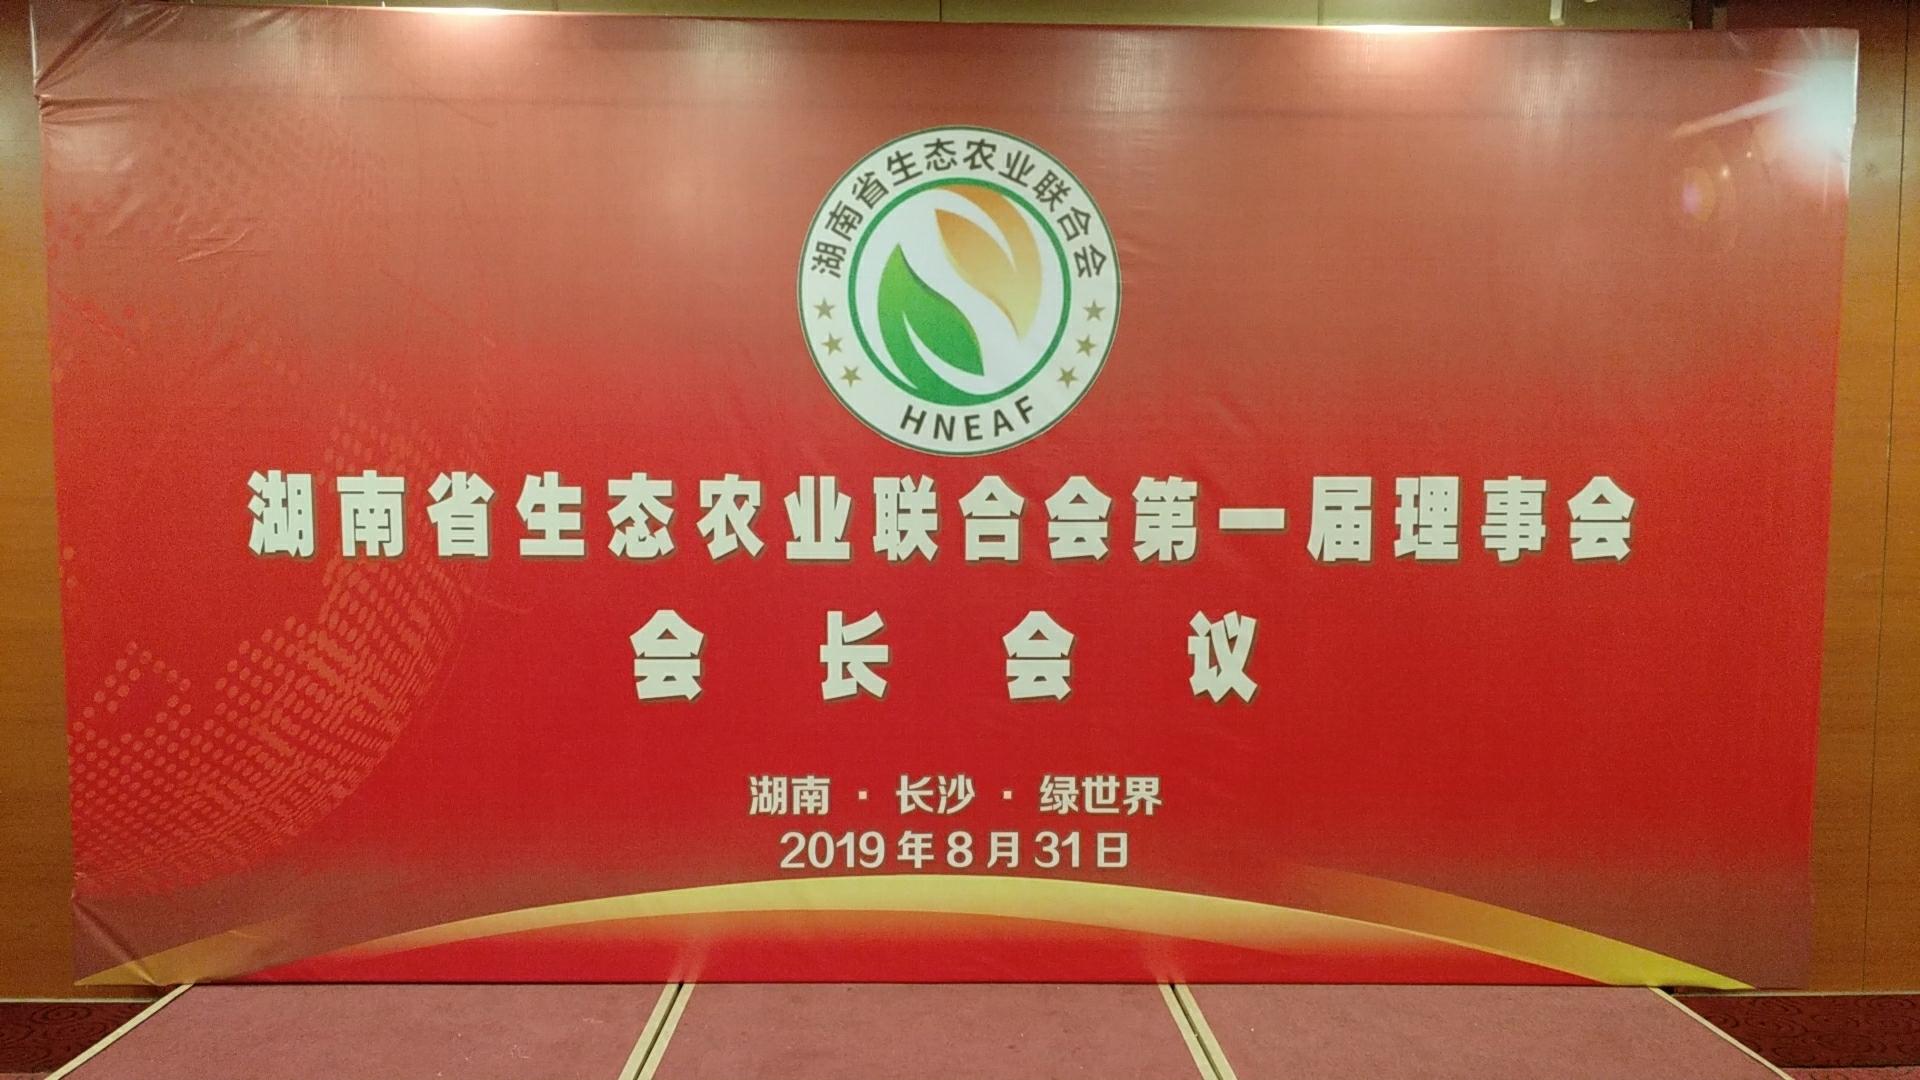 湖南省生态农业联合会第一届理事会2019年会长联席会议圆满召开